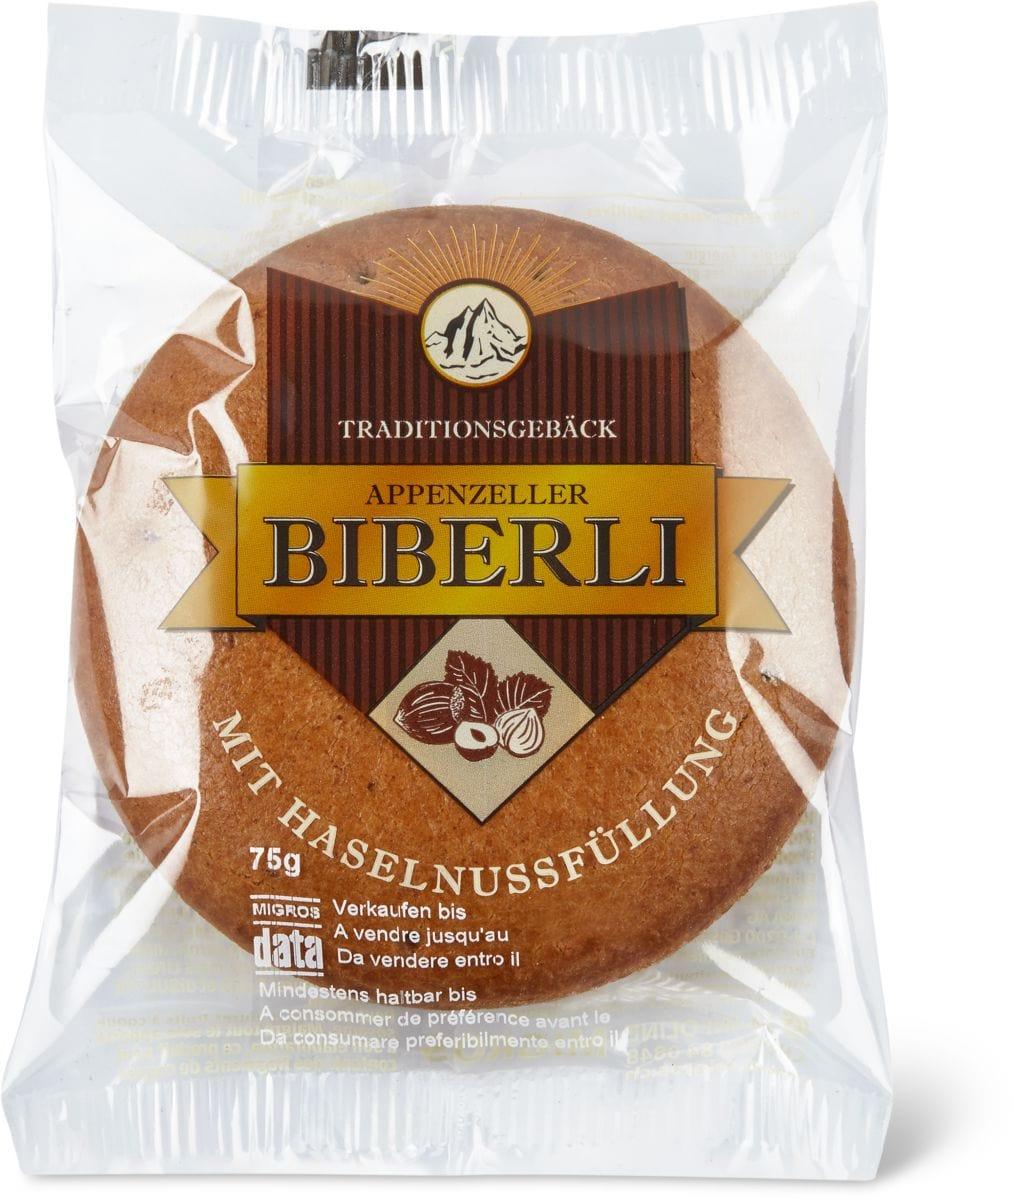 Biberli